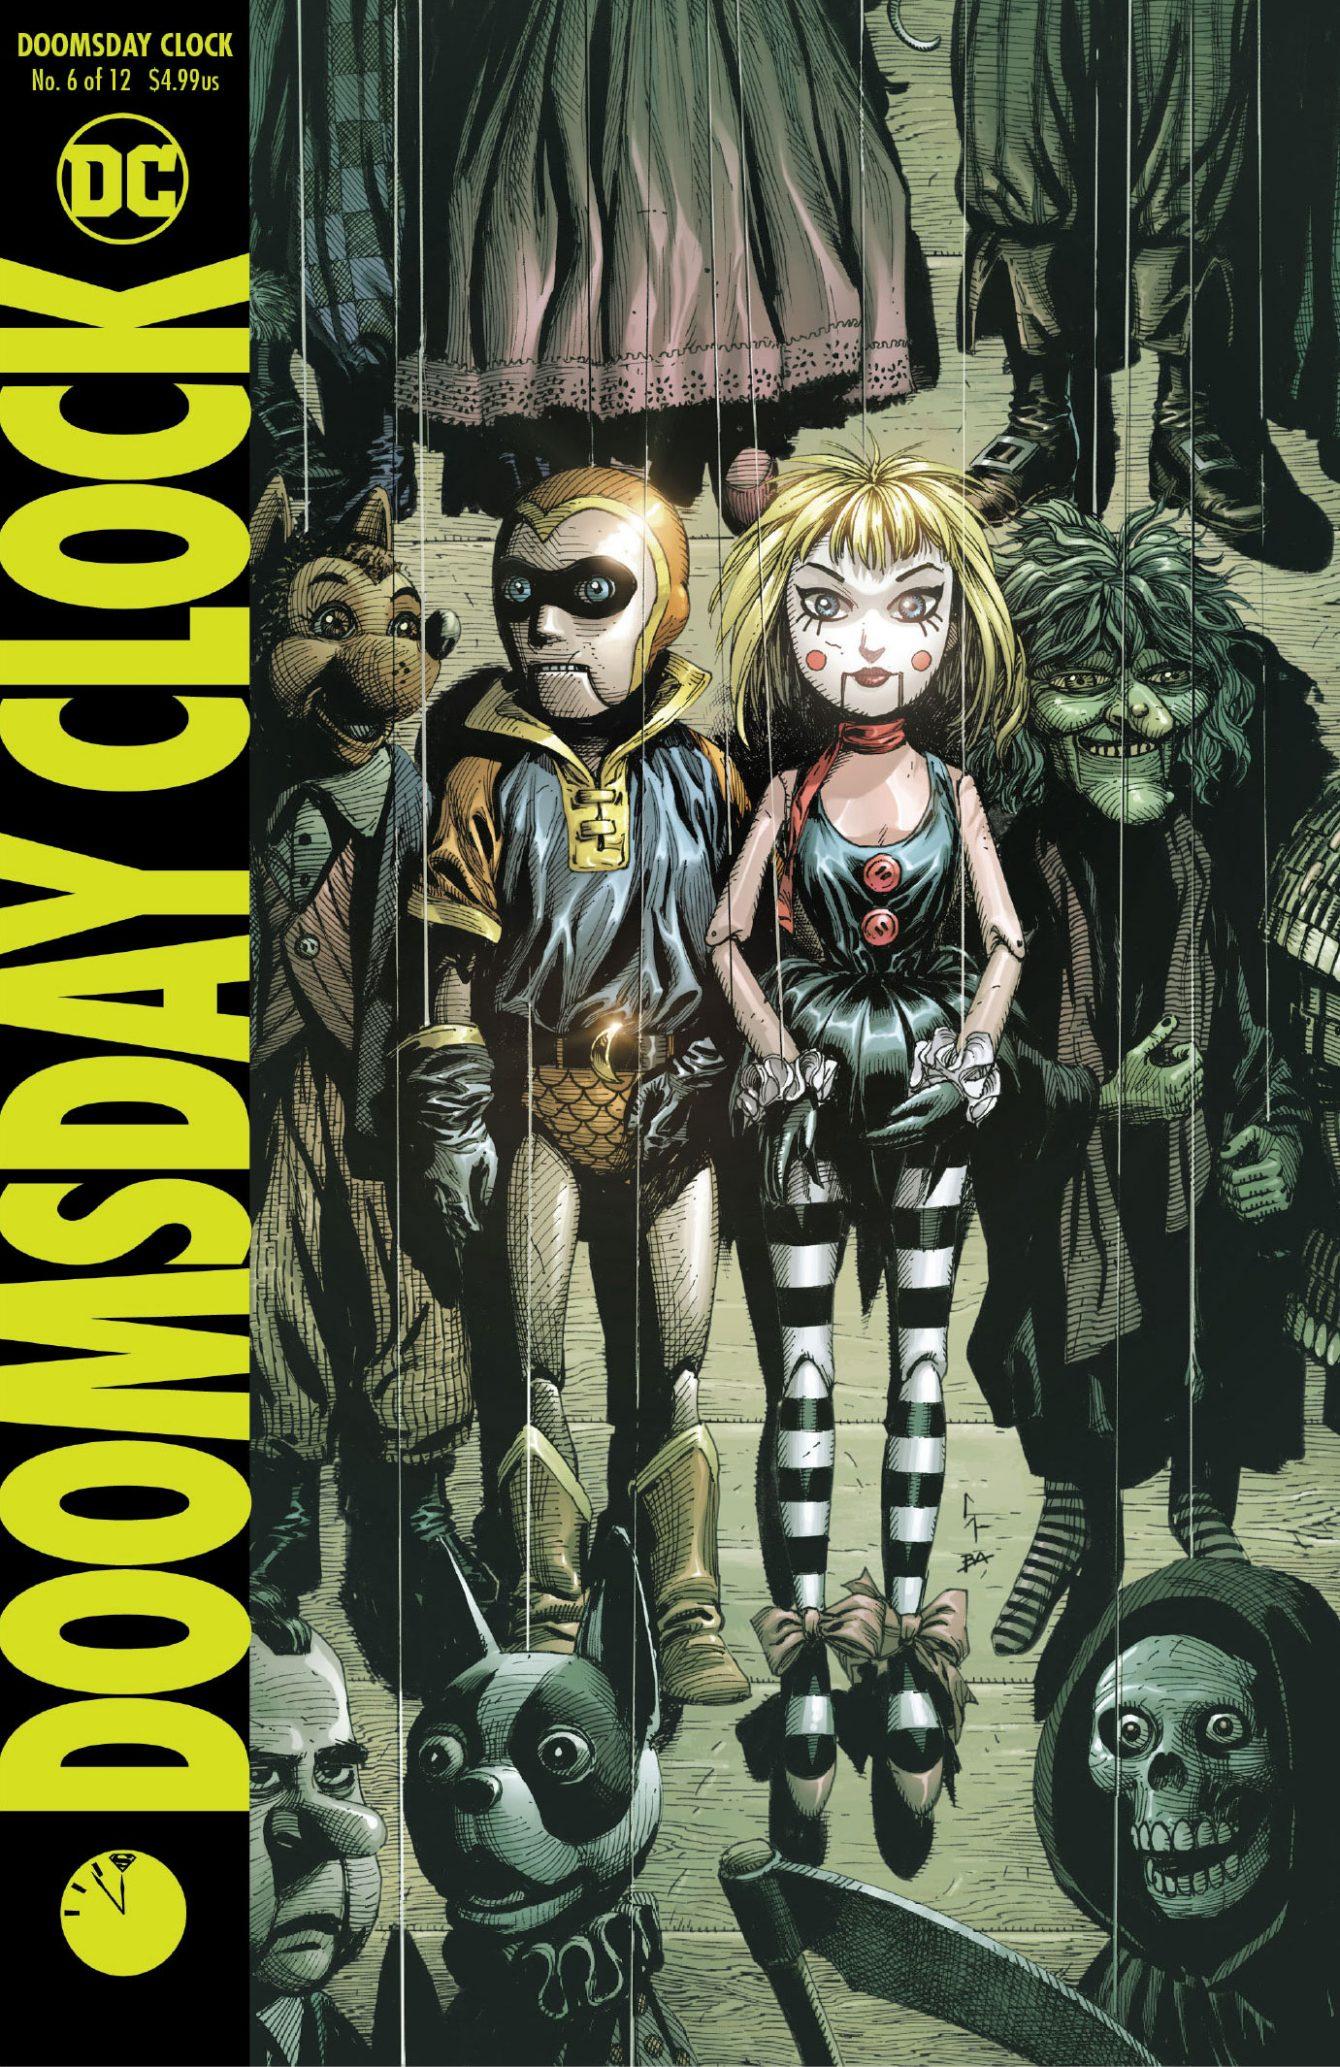 Doomsday Clock #6 Variant Cover - DC Comics